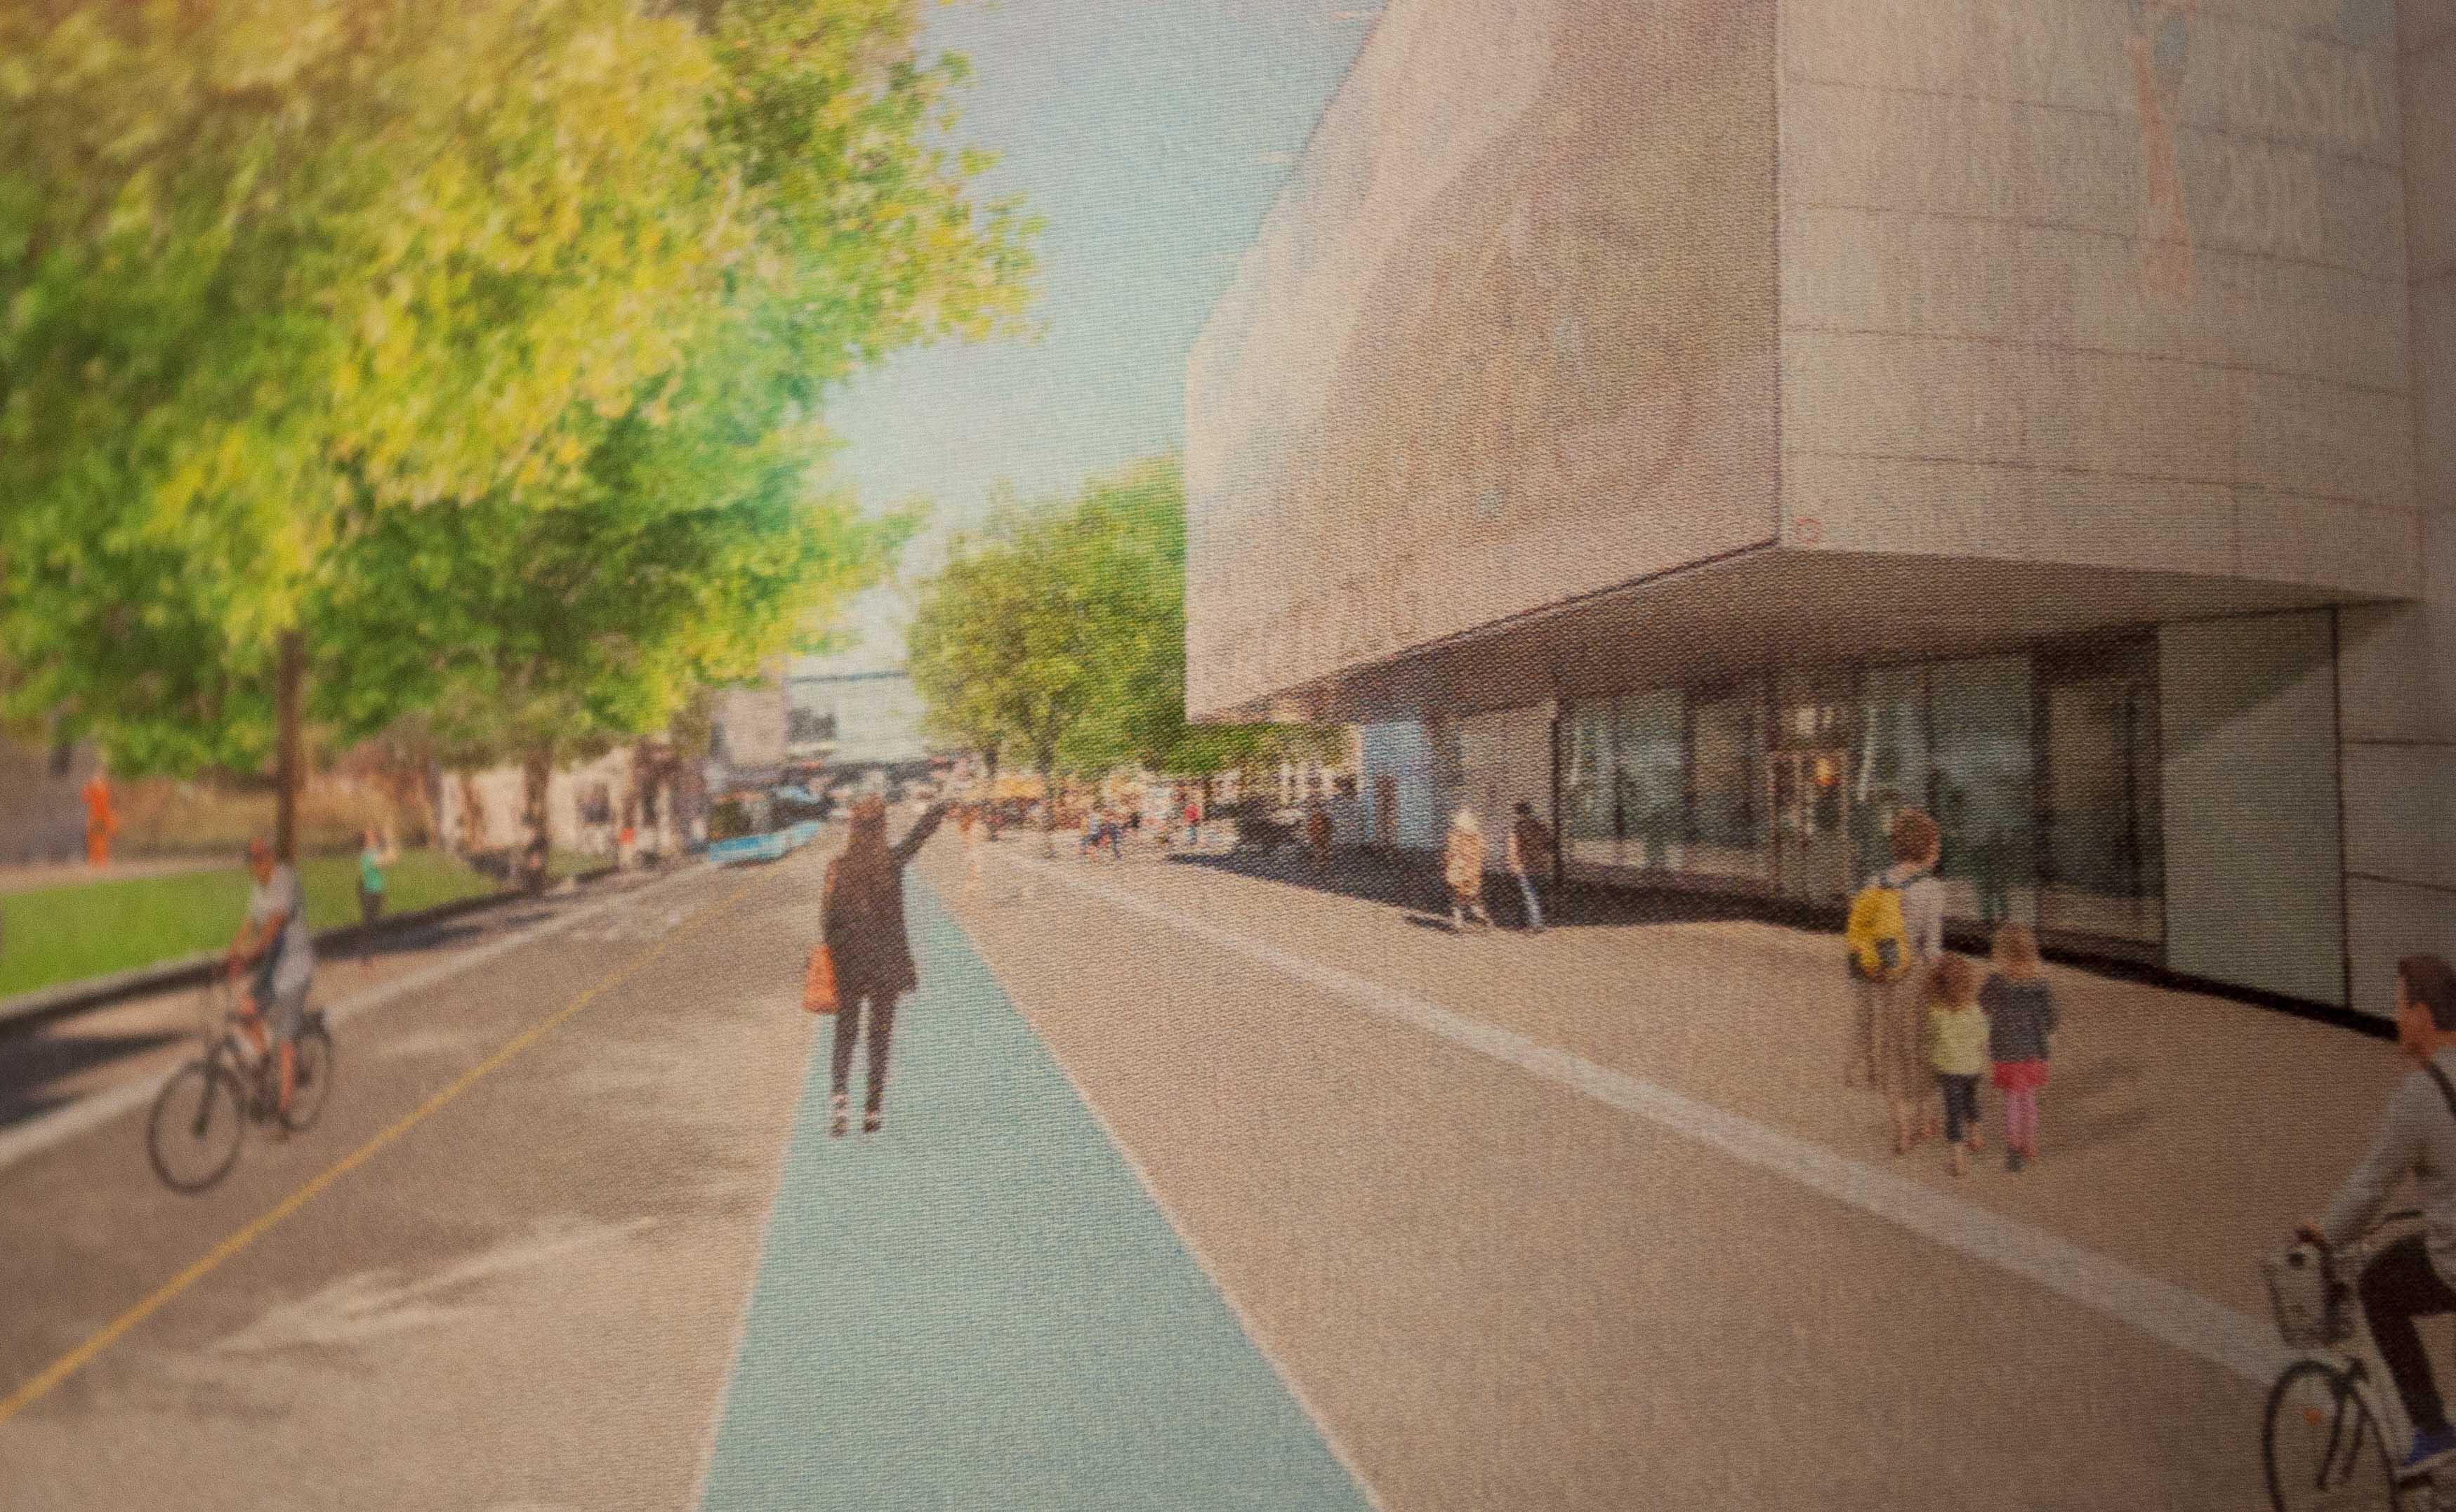 Drittplatziertes Projekt «Walk the Line» der Luzerner Knoepflipartner Landschaftsarchitekten.